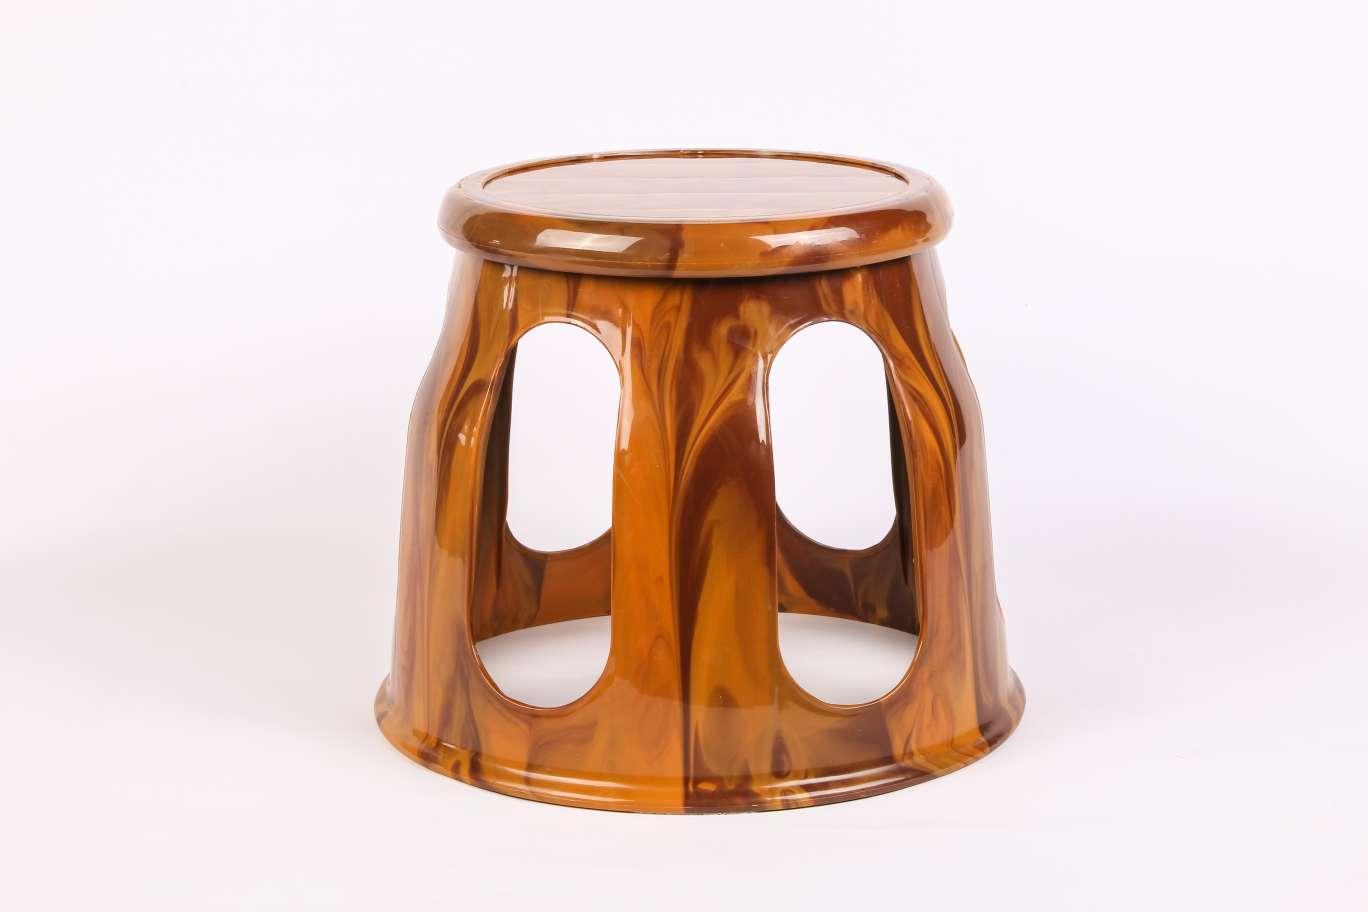 厂家直销仿木纹精品家居塑料板凳客厅小圆凳